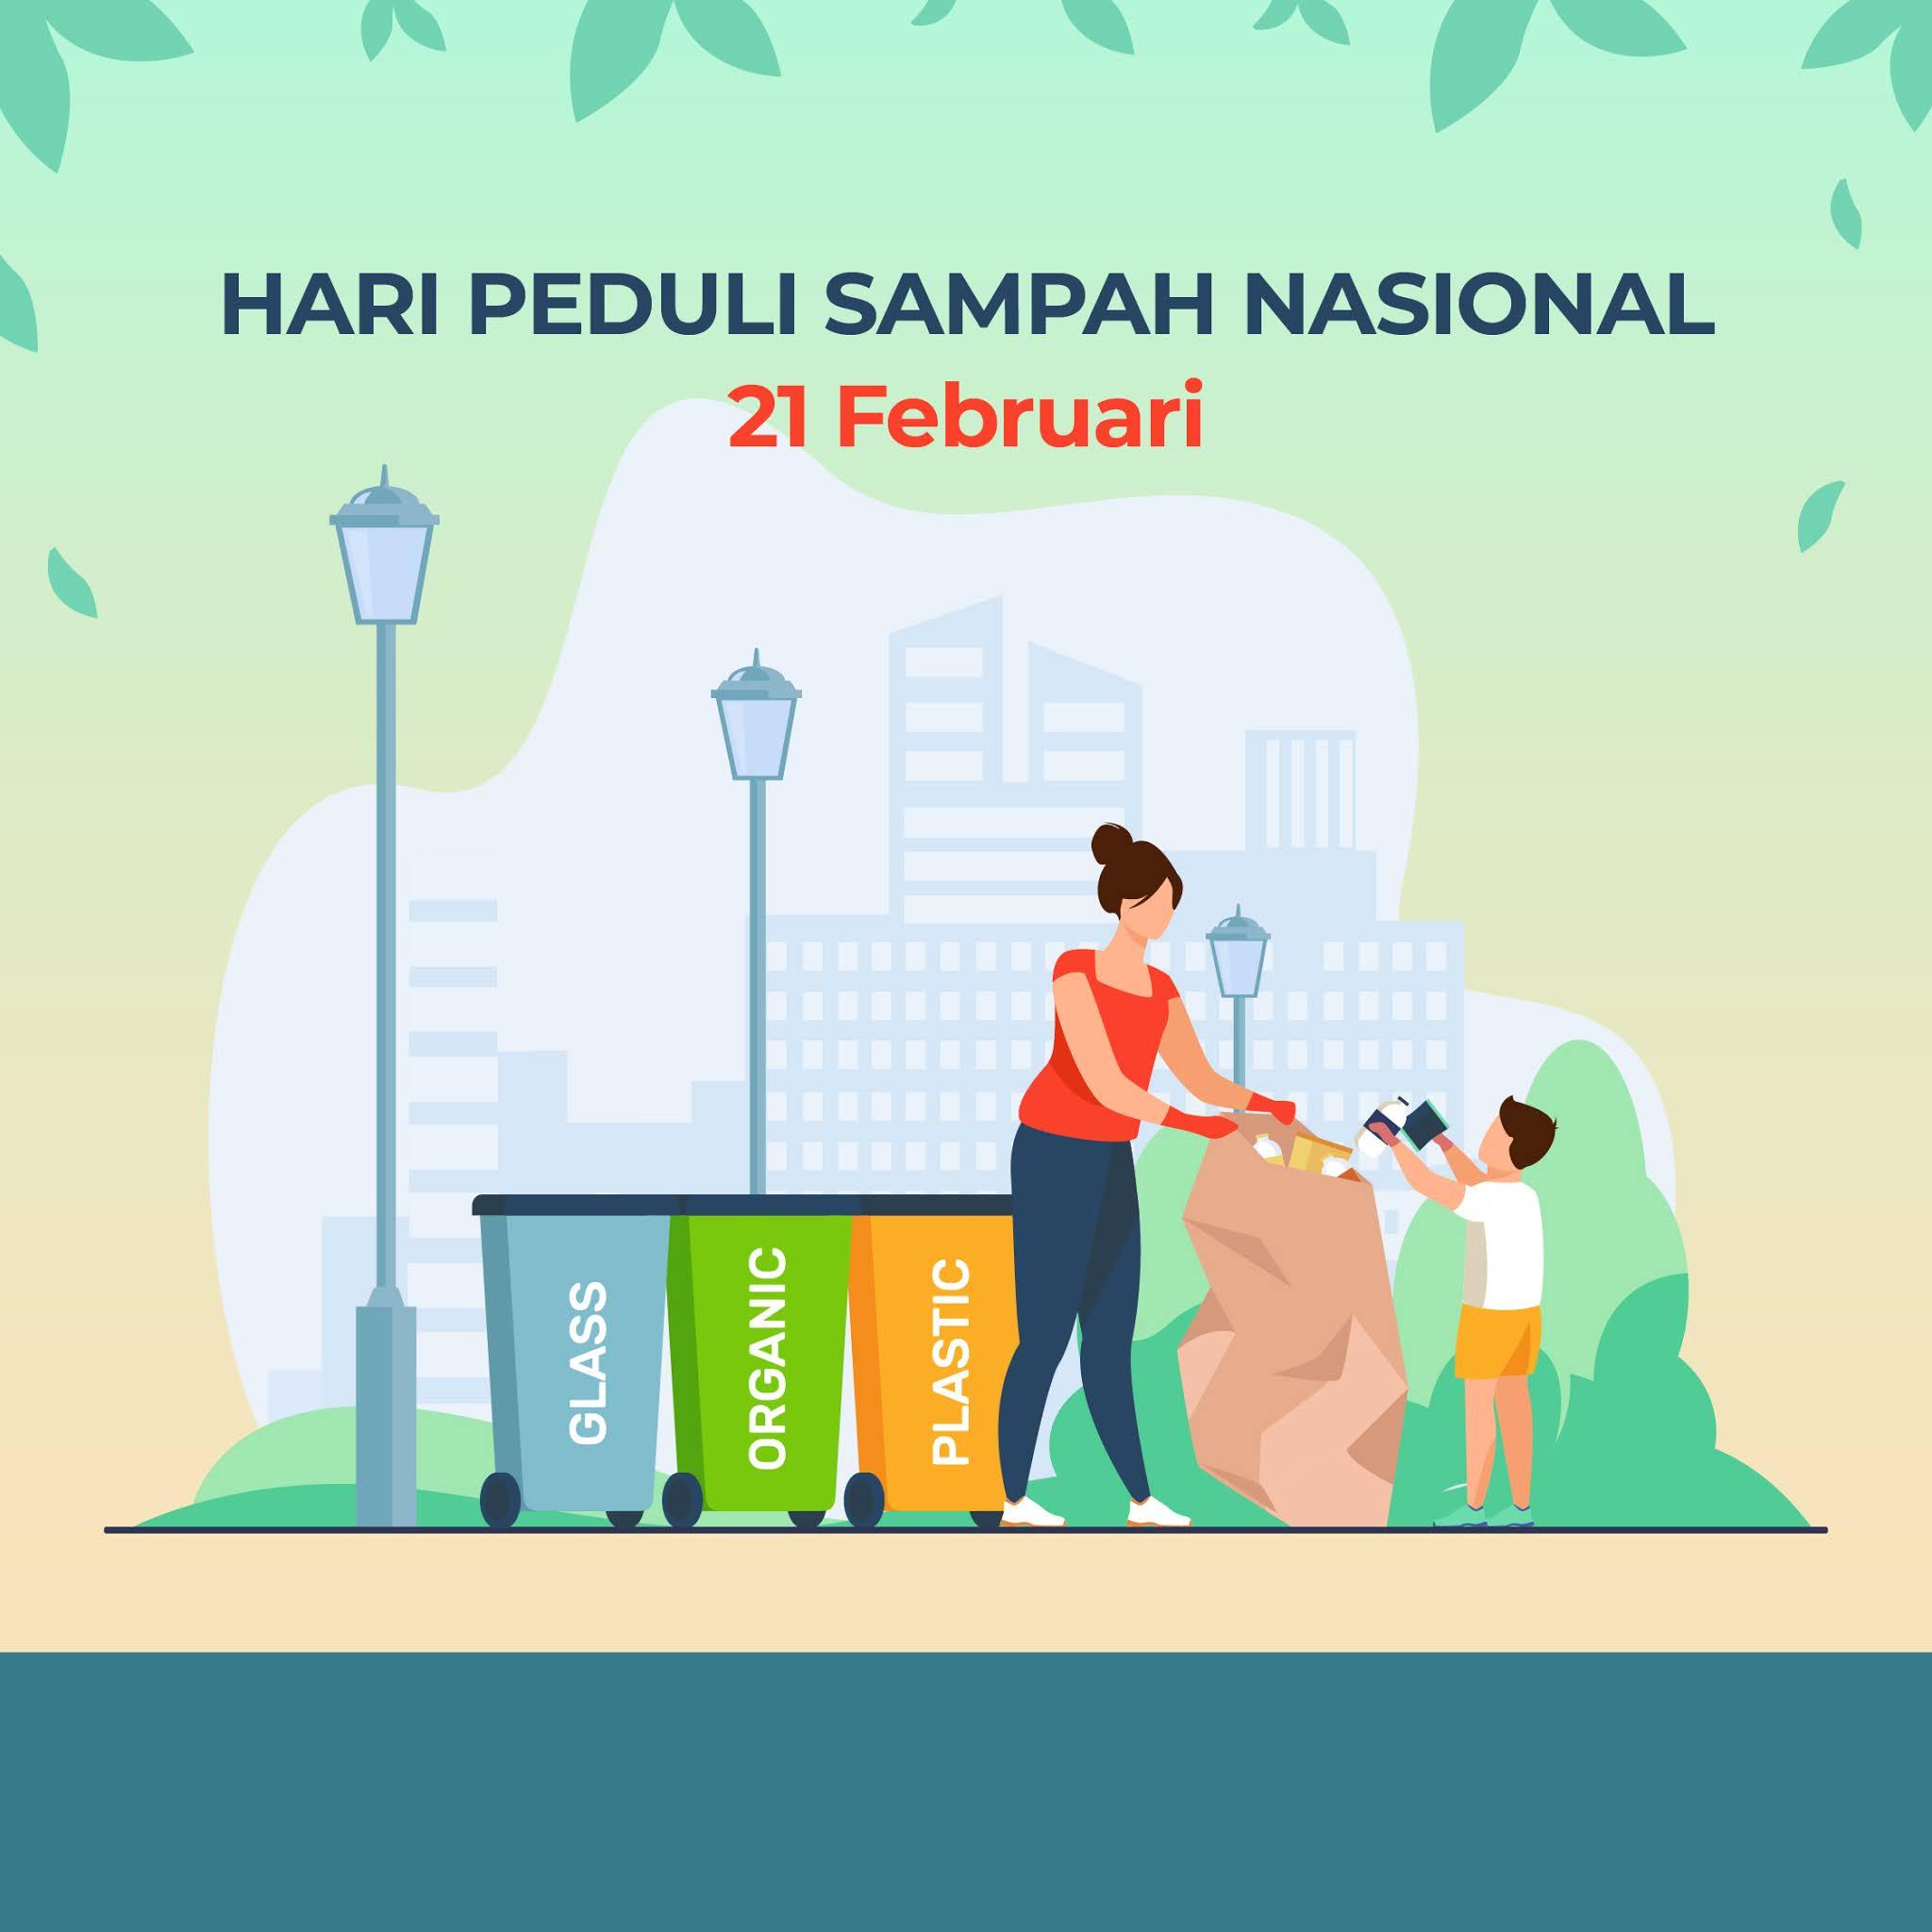 Kumpulan Gambar Desain Template Hari Peduli Sampah Nasional 2021